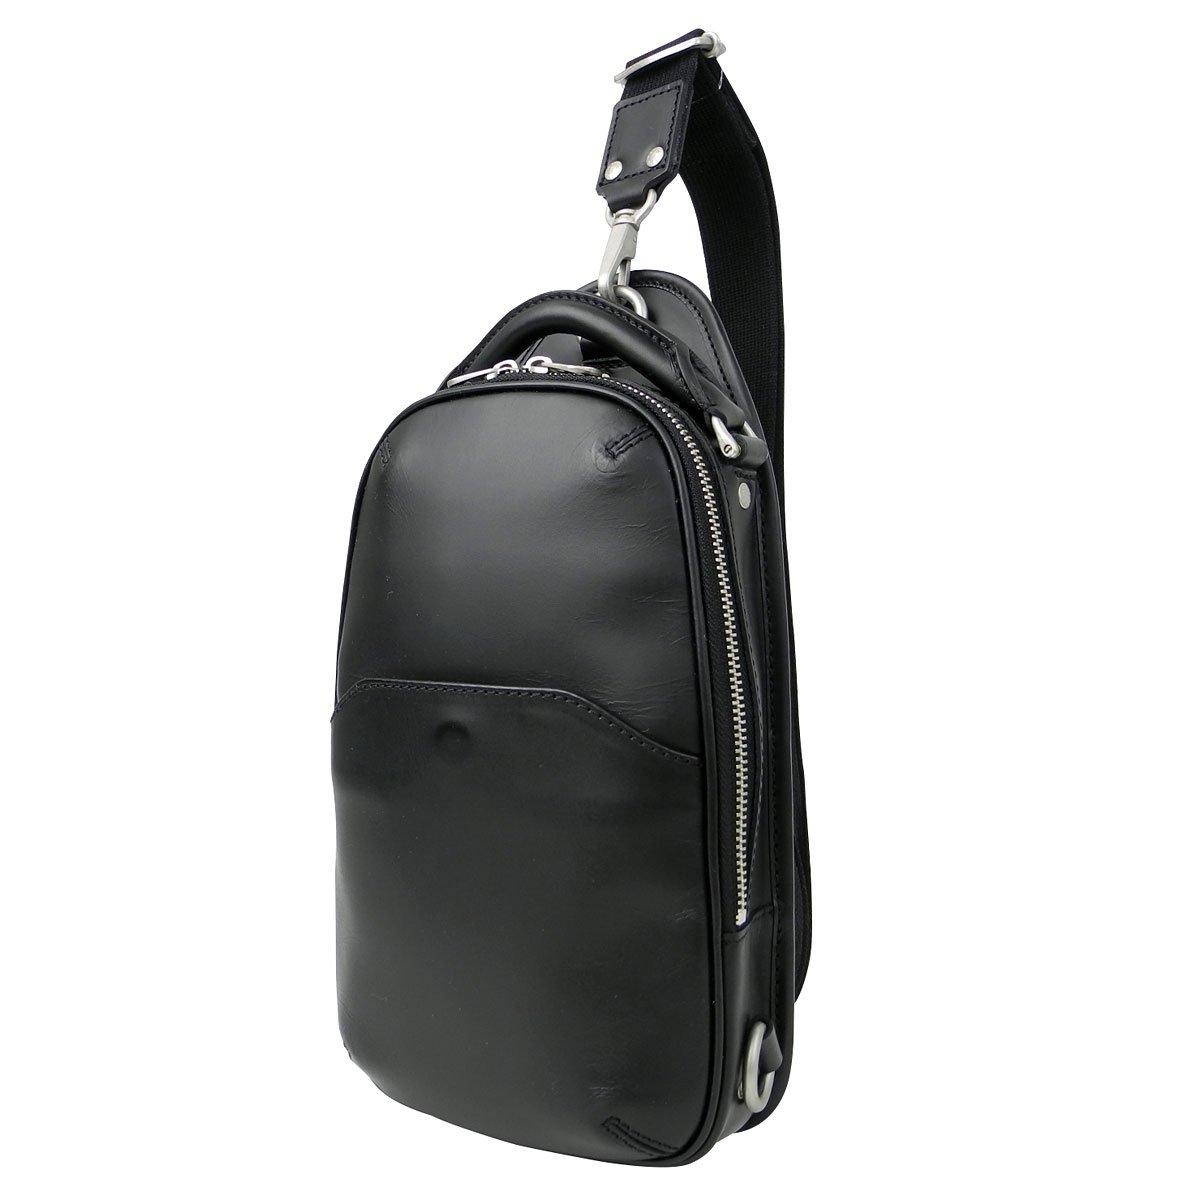 [エルゴポック] HERGOPOCH ワンショルダーバッグ ボディバッグ 06-OS B00JZBL1RQ BLACK/ブラック BLACK/ブラック